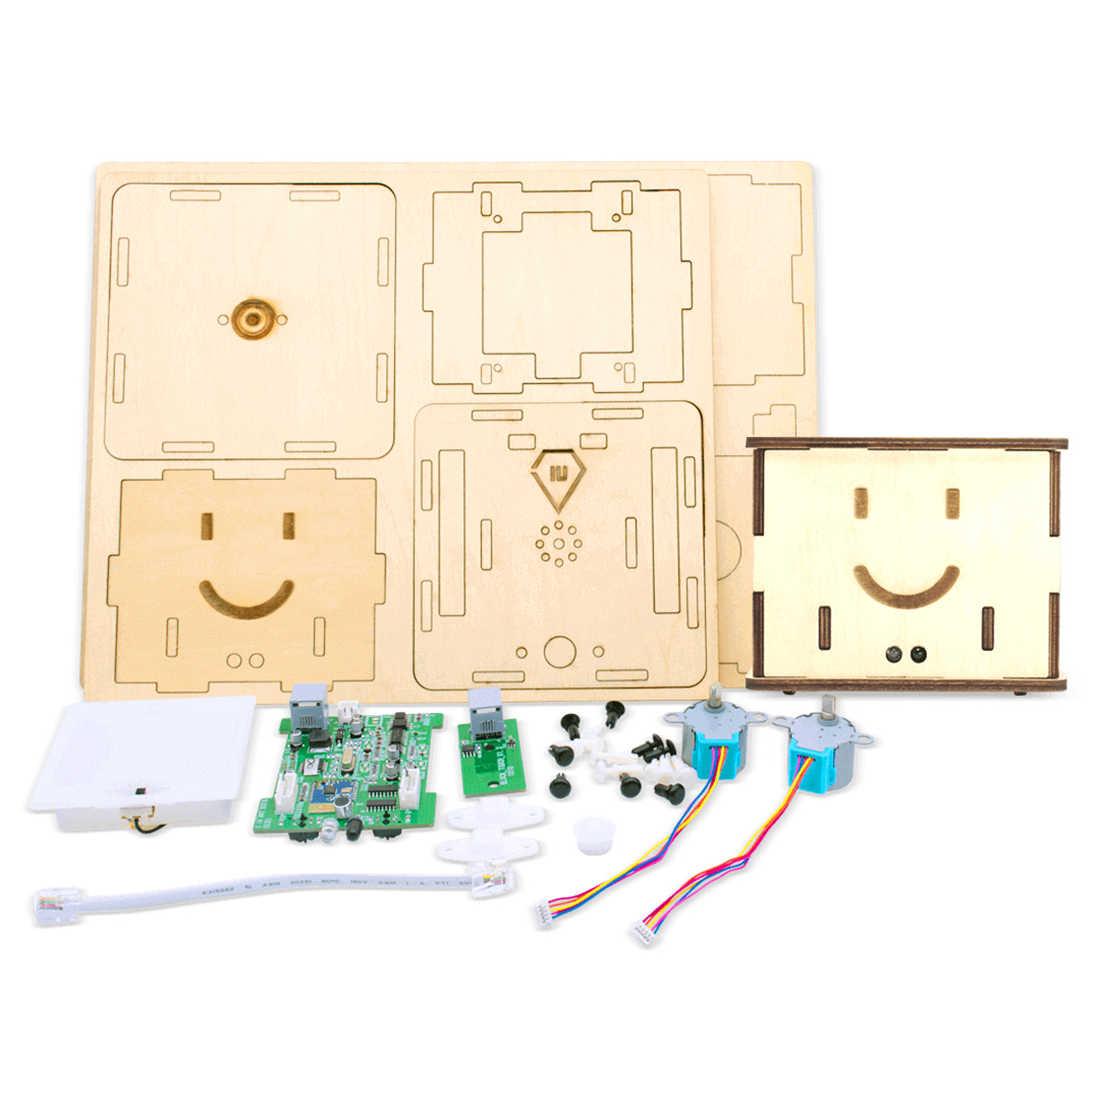 Rowsfire 1 Набор DIY сборка графическое Программирование строительные блоки робота образовательный стебель Паровая игрушка набор для детей-Burlywood